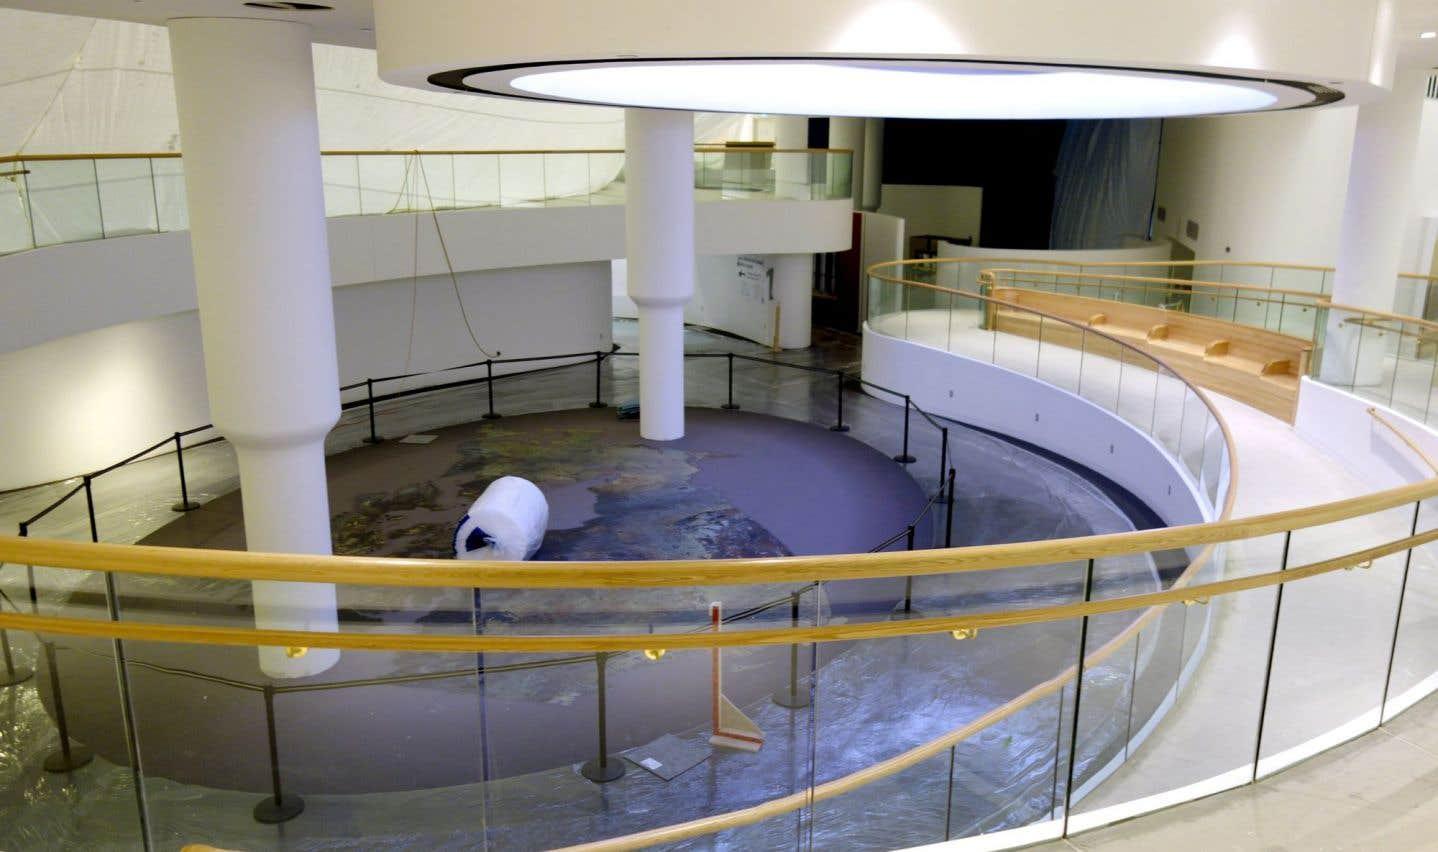 Vue du carrefour, qui se situe au centre de la Salle et qui donne accès aux trois galeries. Il sert aussi de point de départ ou de lieu de rencontre pendant la visite de la Salle.